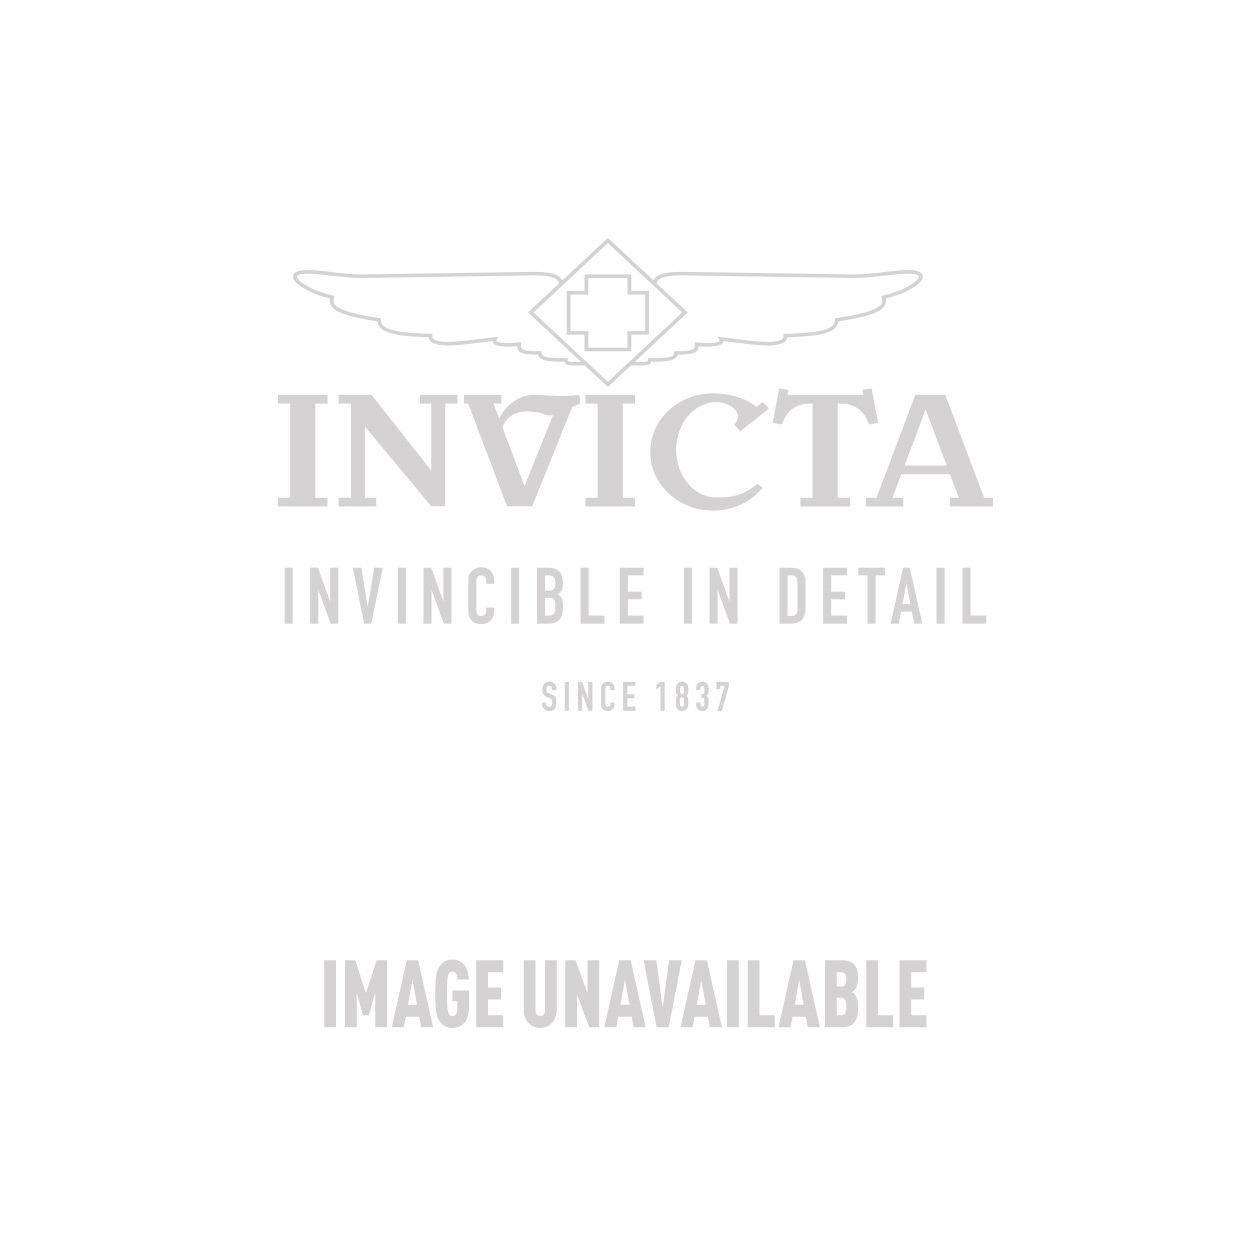 Invicta Model 28370